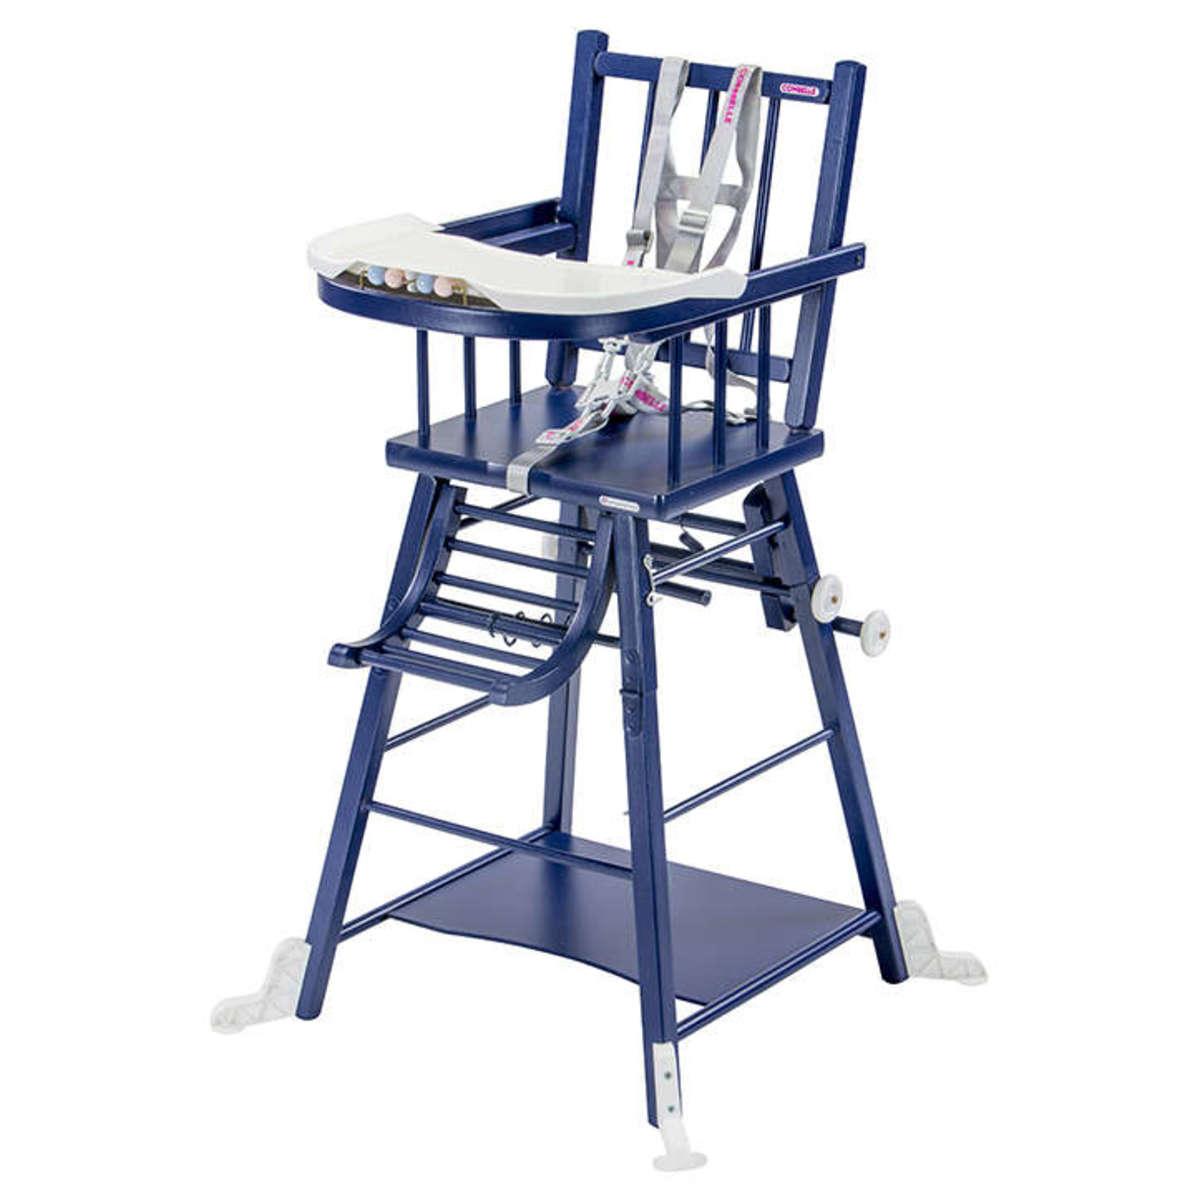 Chaise haute Chaise Haute à Barreaux Transformable Marcel - Bleu Chaise Haute à Barreaux Transformable Marcel - Bleu